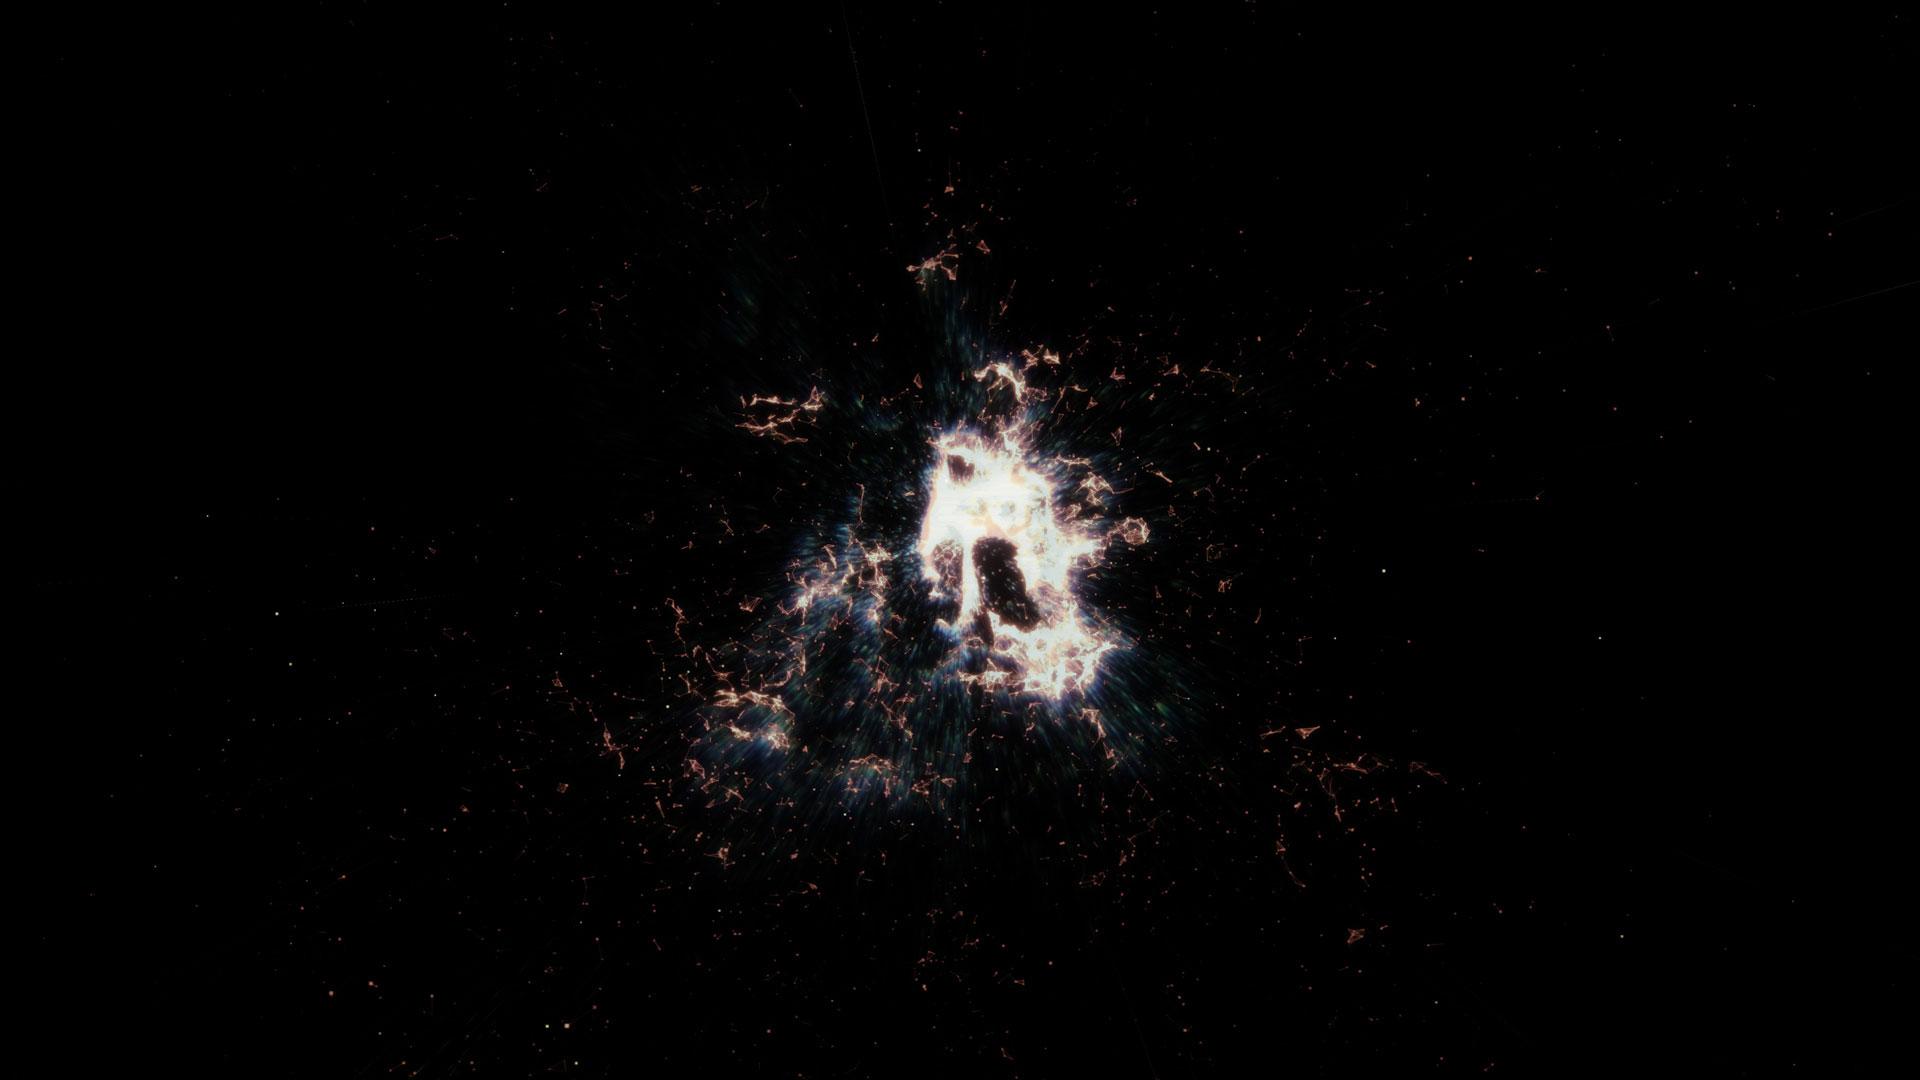 KZ_Cyberspace_15_Still003